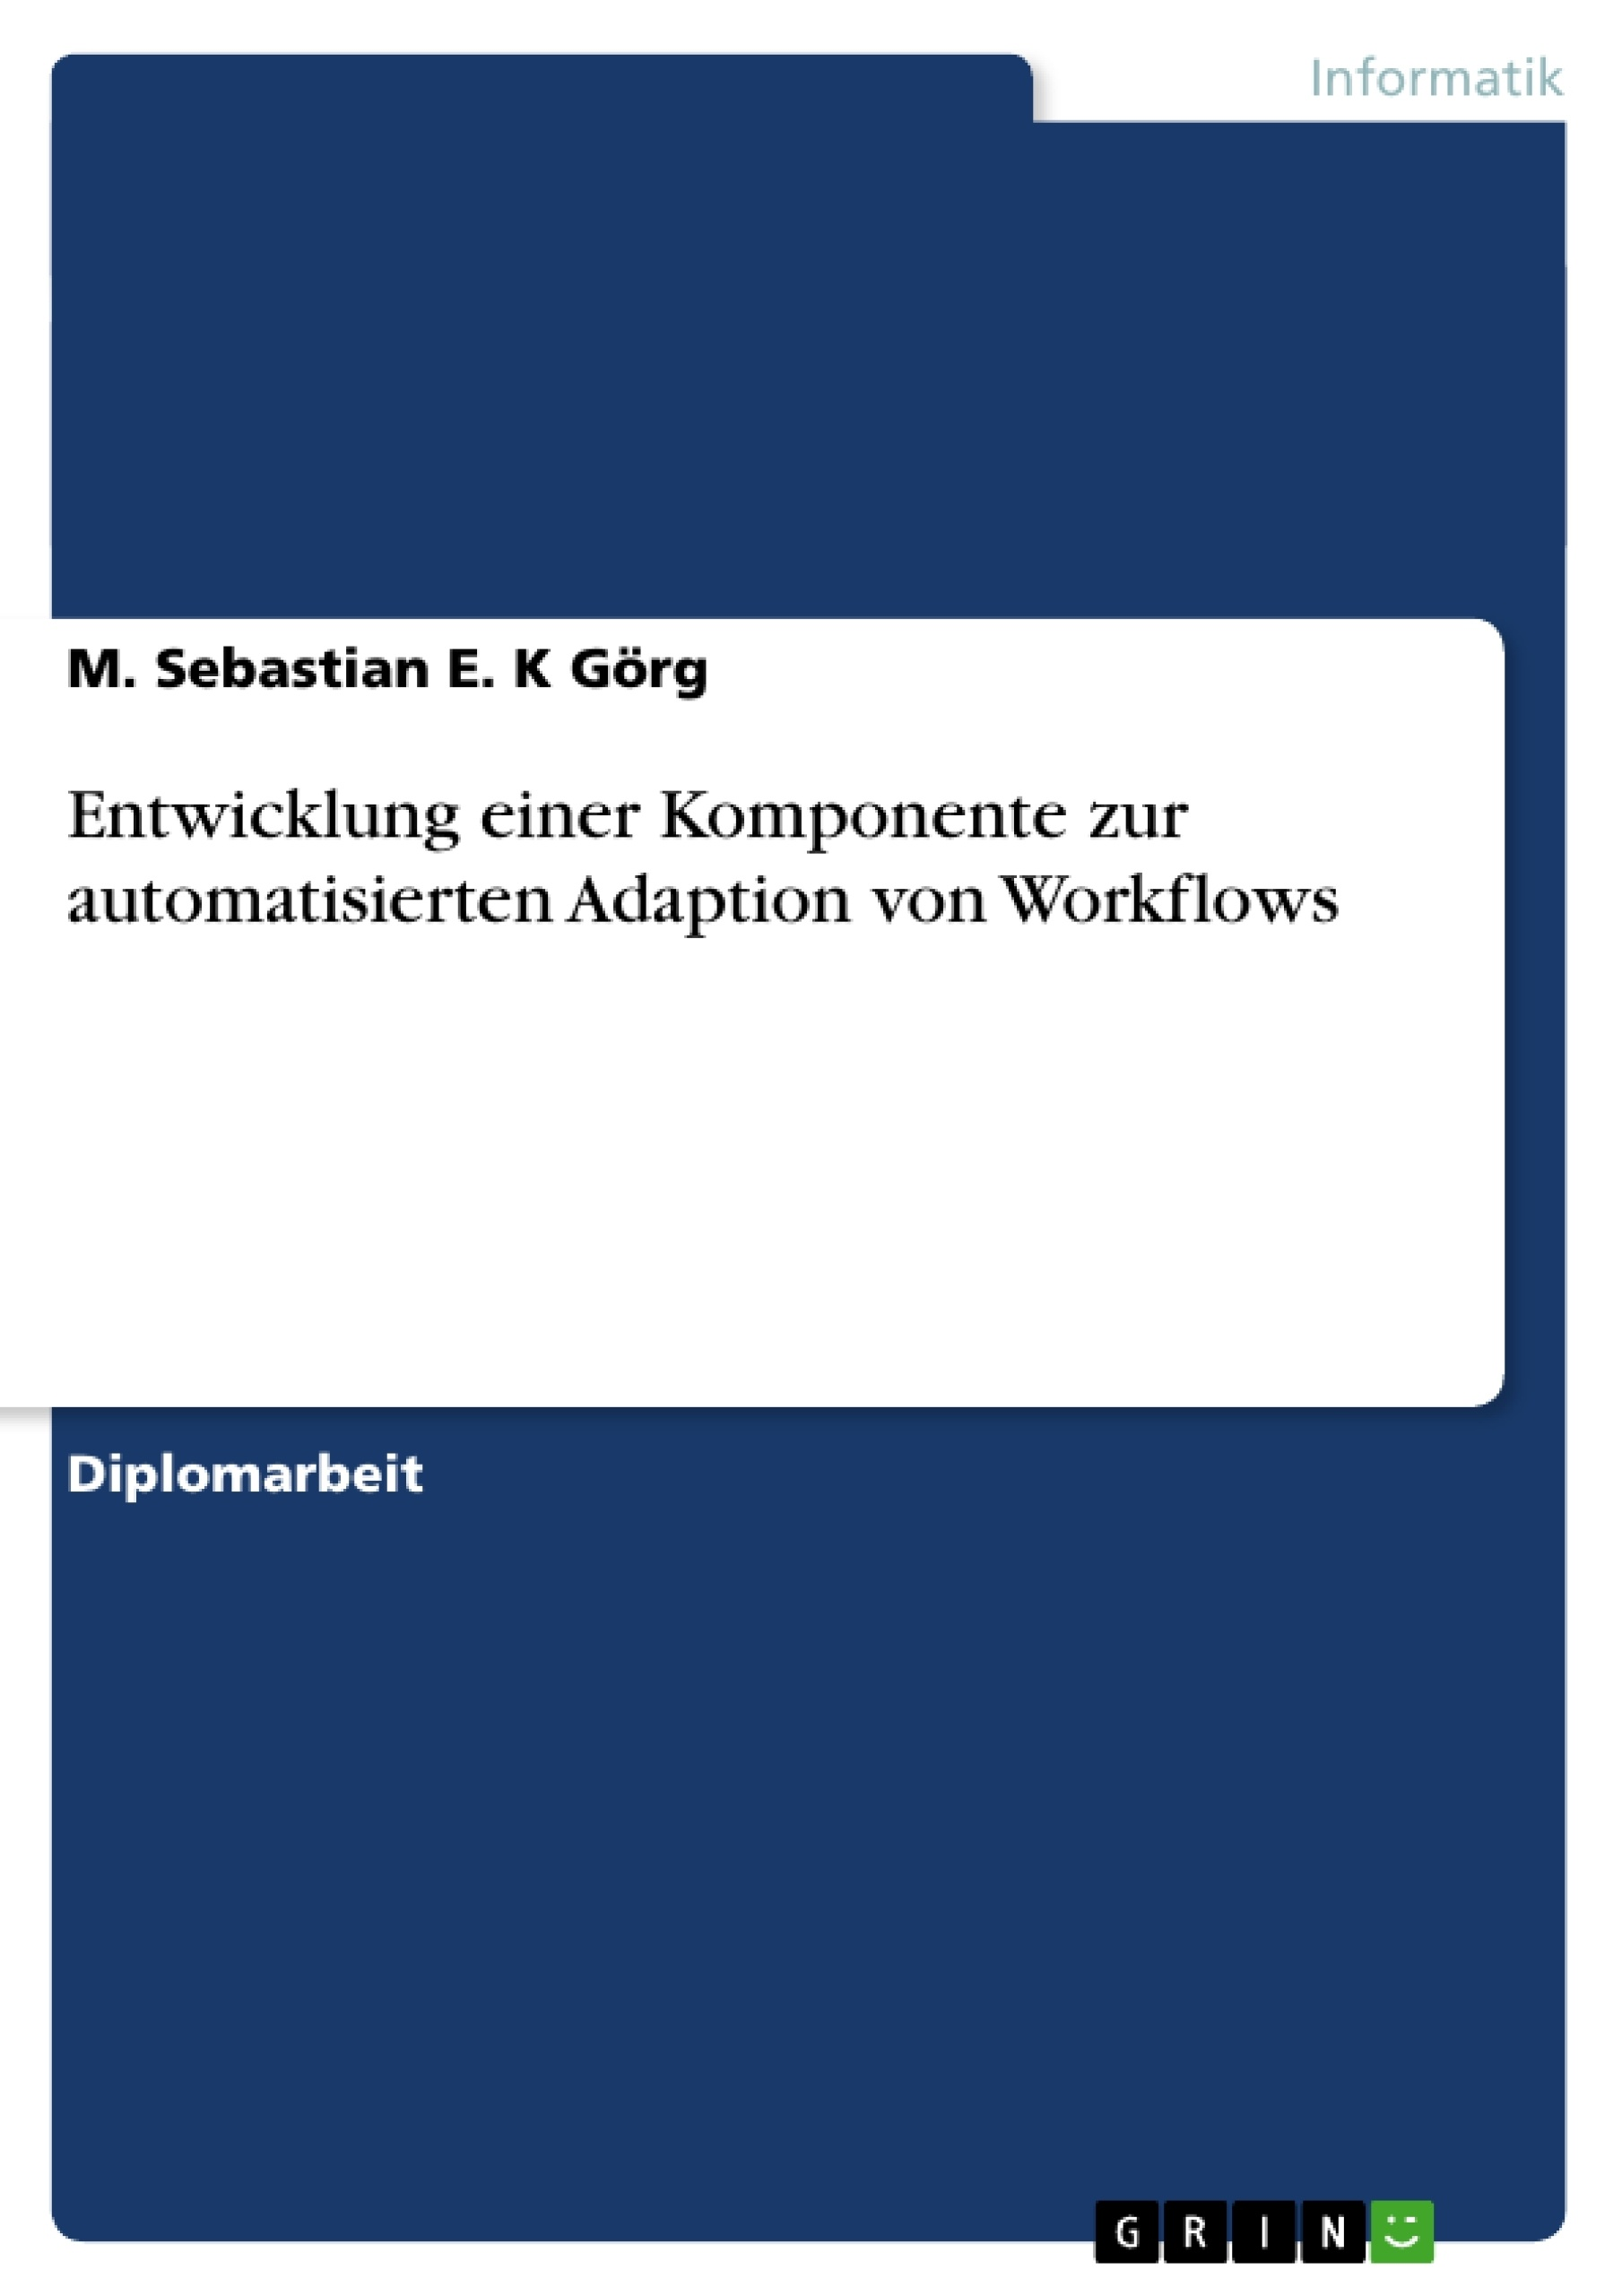 Titel: Entwicklung einer Komponente zur automatisierten Adaption von Workflows